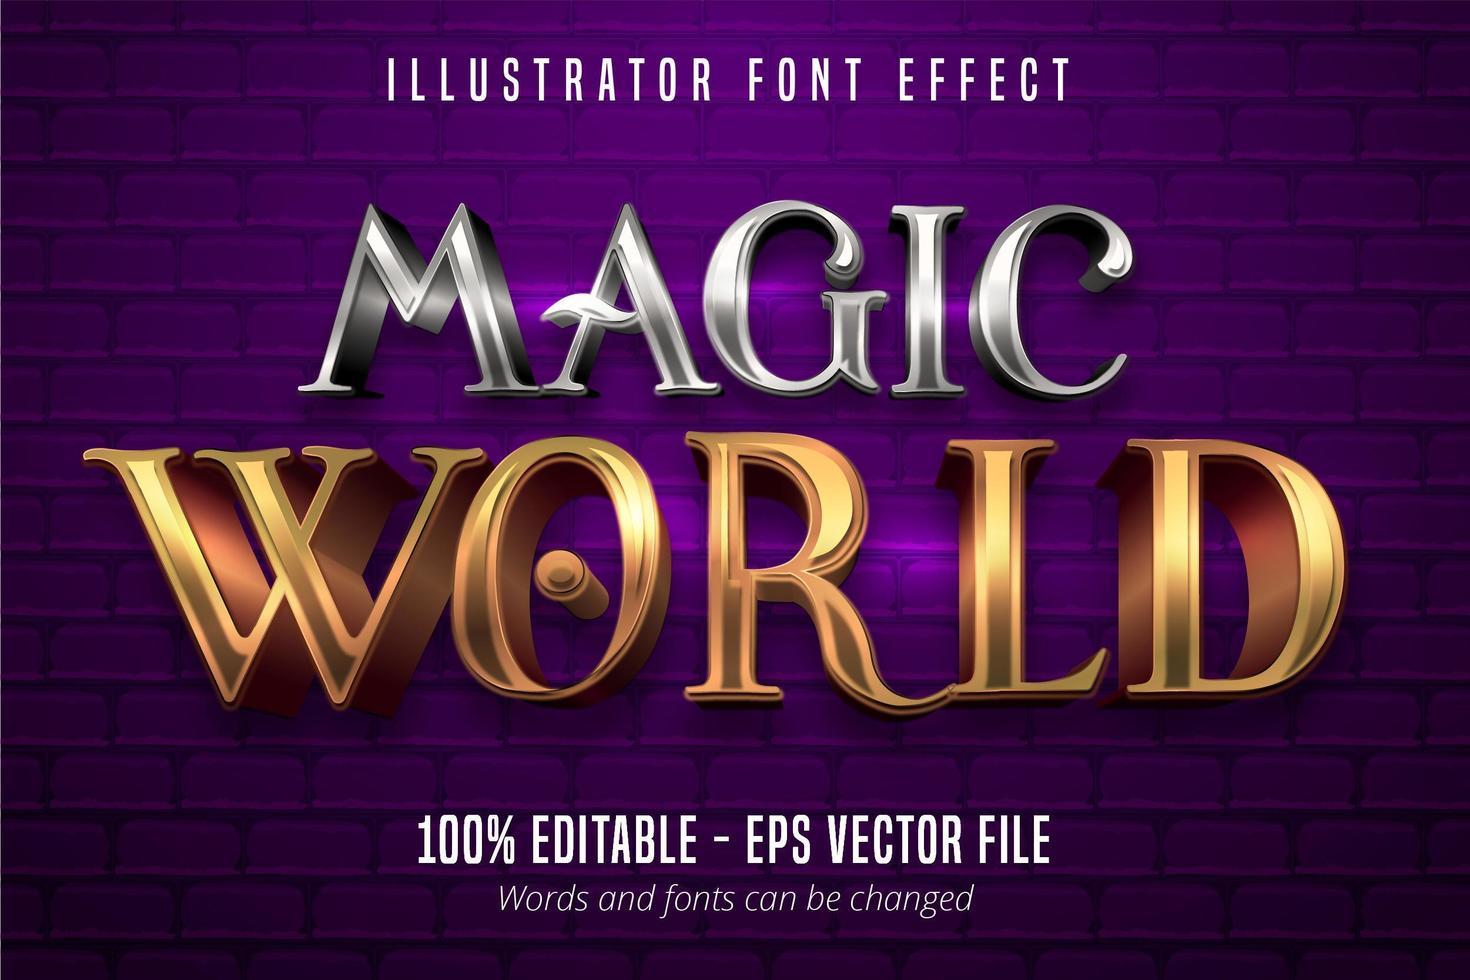 texte du monde magique, effet de police modifiable de style métallique or et argent 3d vecteur